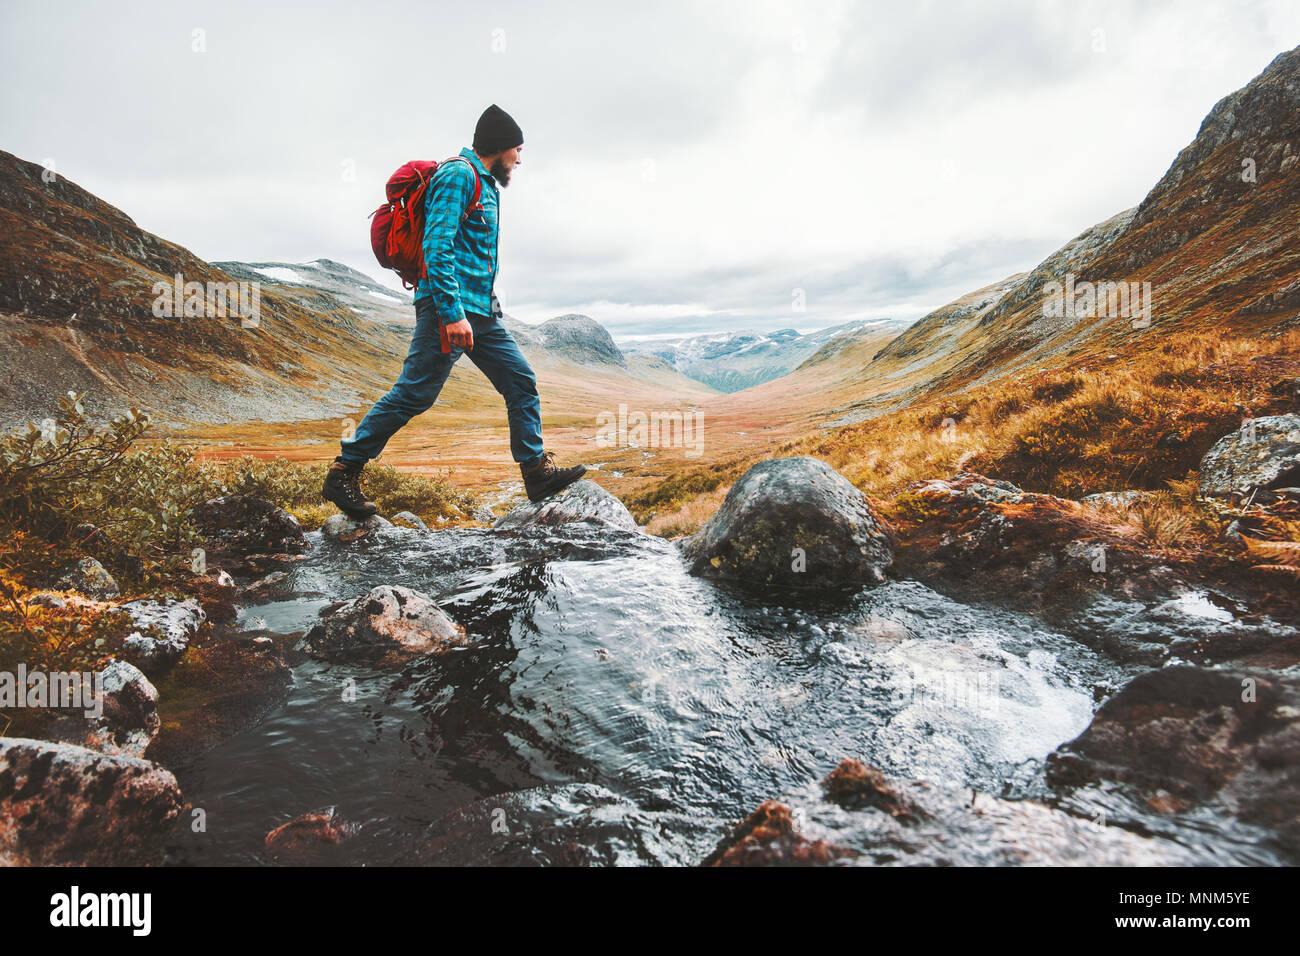 L'uomo solo chi viaggia zaino in spalla escursioni in montagna scandinavo attivo uno stile di vita sano viaggio d avventura vacanze Immagini Stock